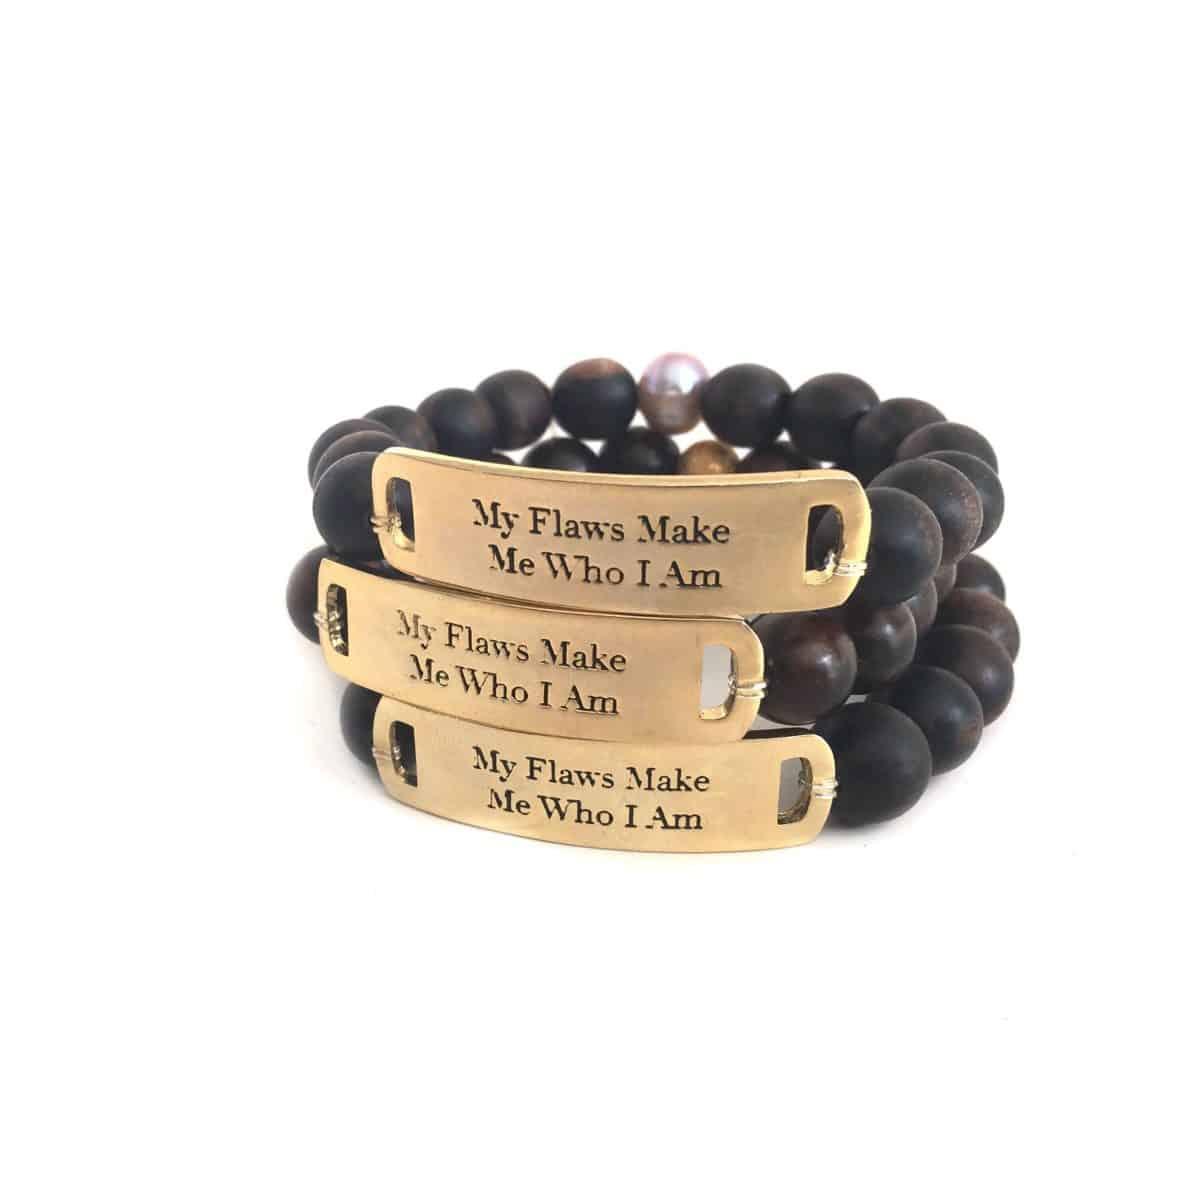 My Flaws Make Me Who I Am bracelet